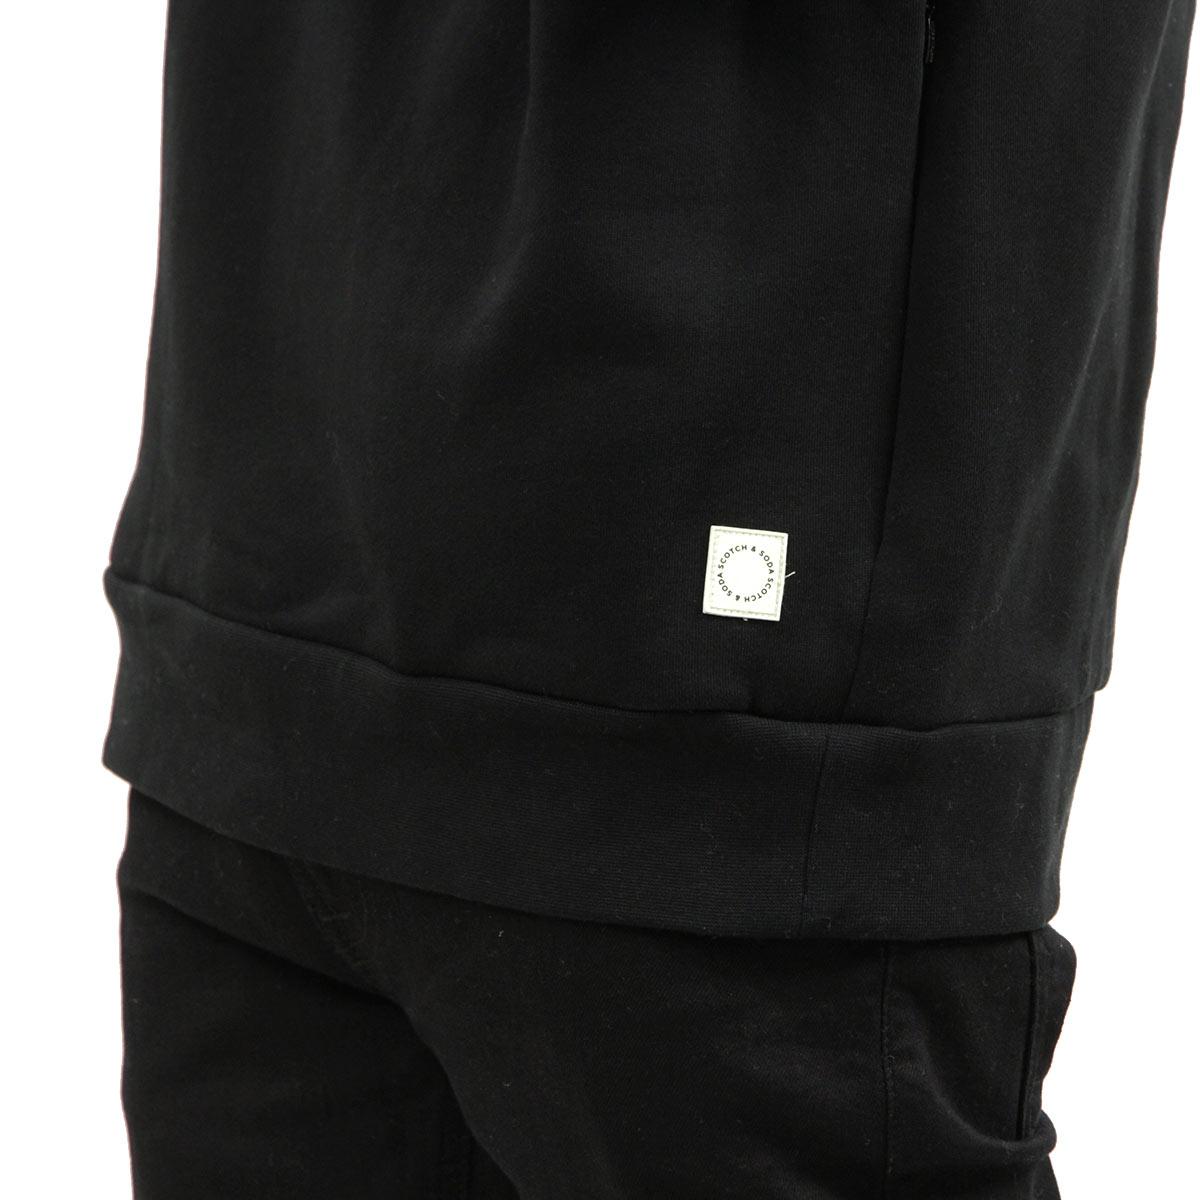 スコッチアンドソーダ パーカー メンズ 正規販売店 SCOTCH&SODA プルオーバーパーカー CLUB NOMADE DOUBLE NECK HOODIE D 154202 0008 13825 08 BLACK A39B B1C C1D D5E E13F